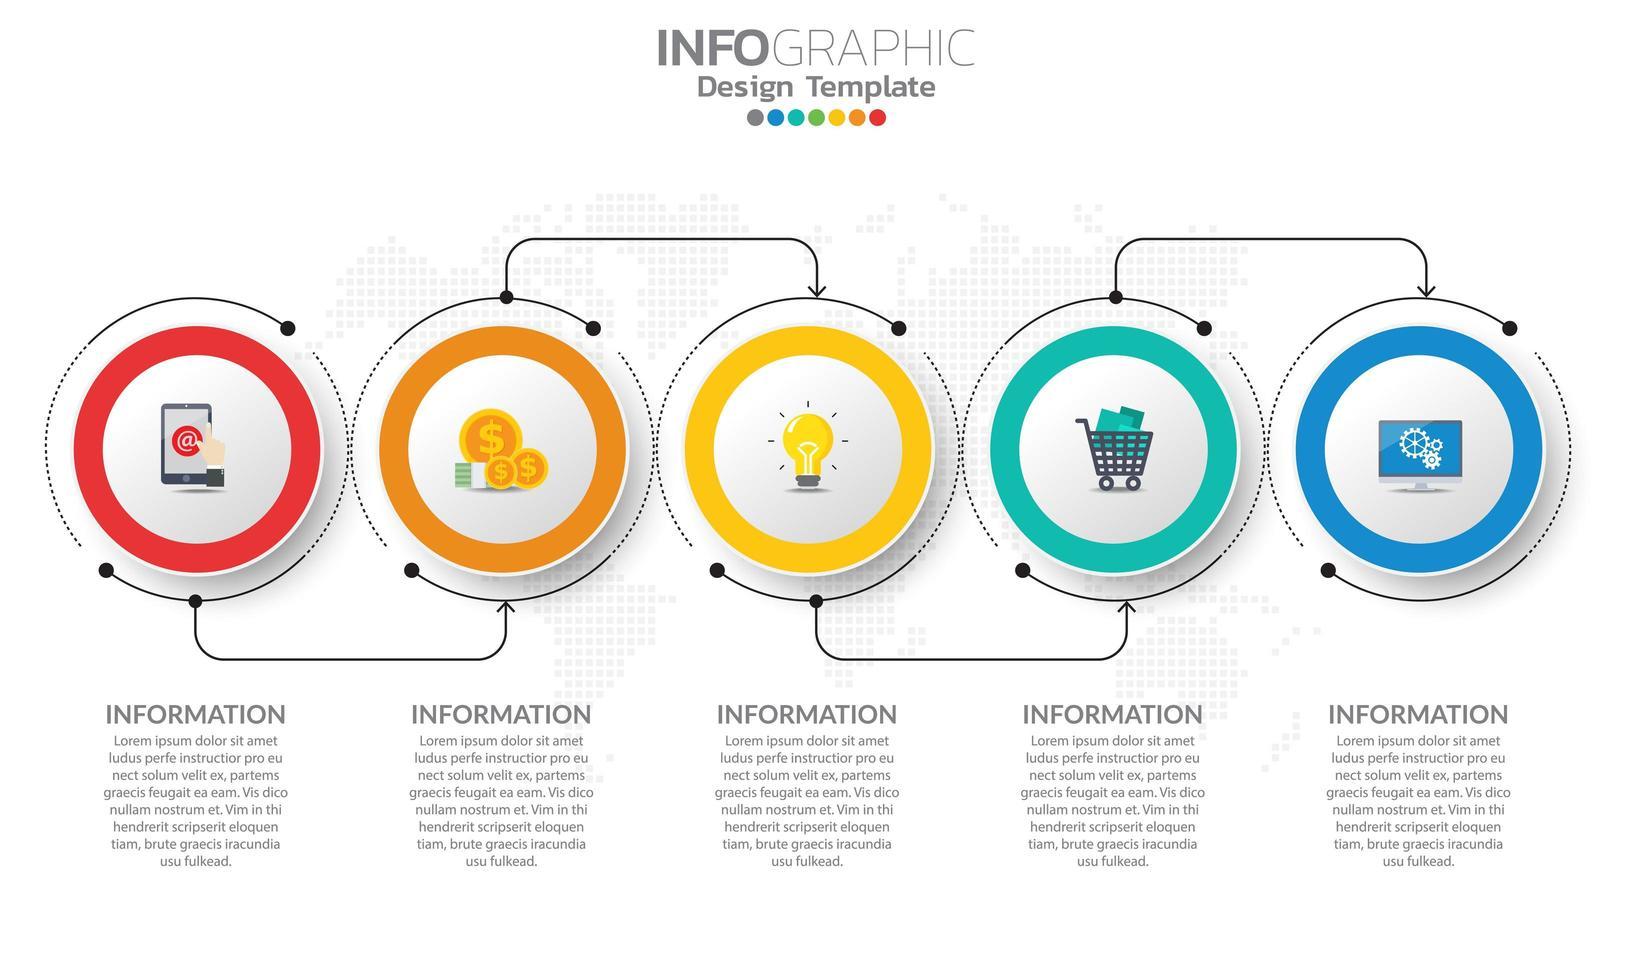 infografica timeline con 5 cerchi di bordo colorati vettore